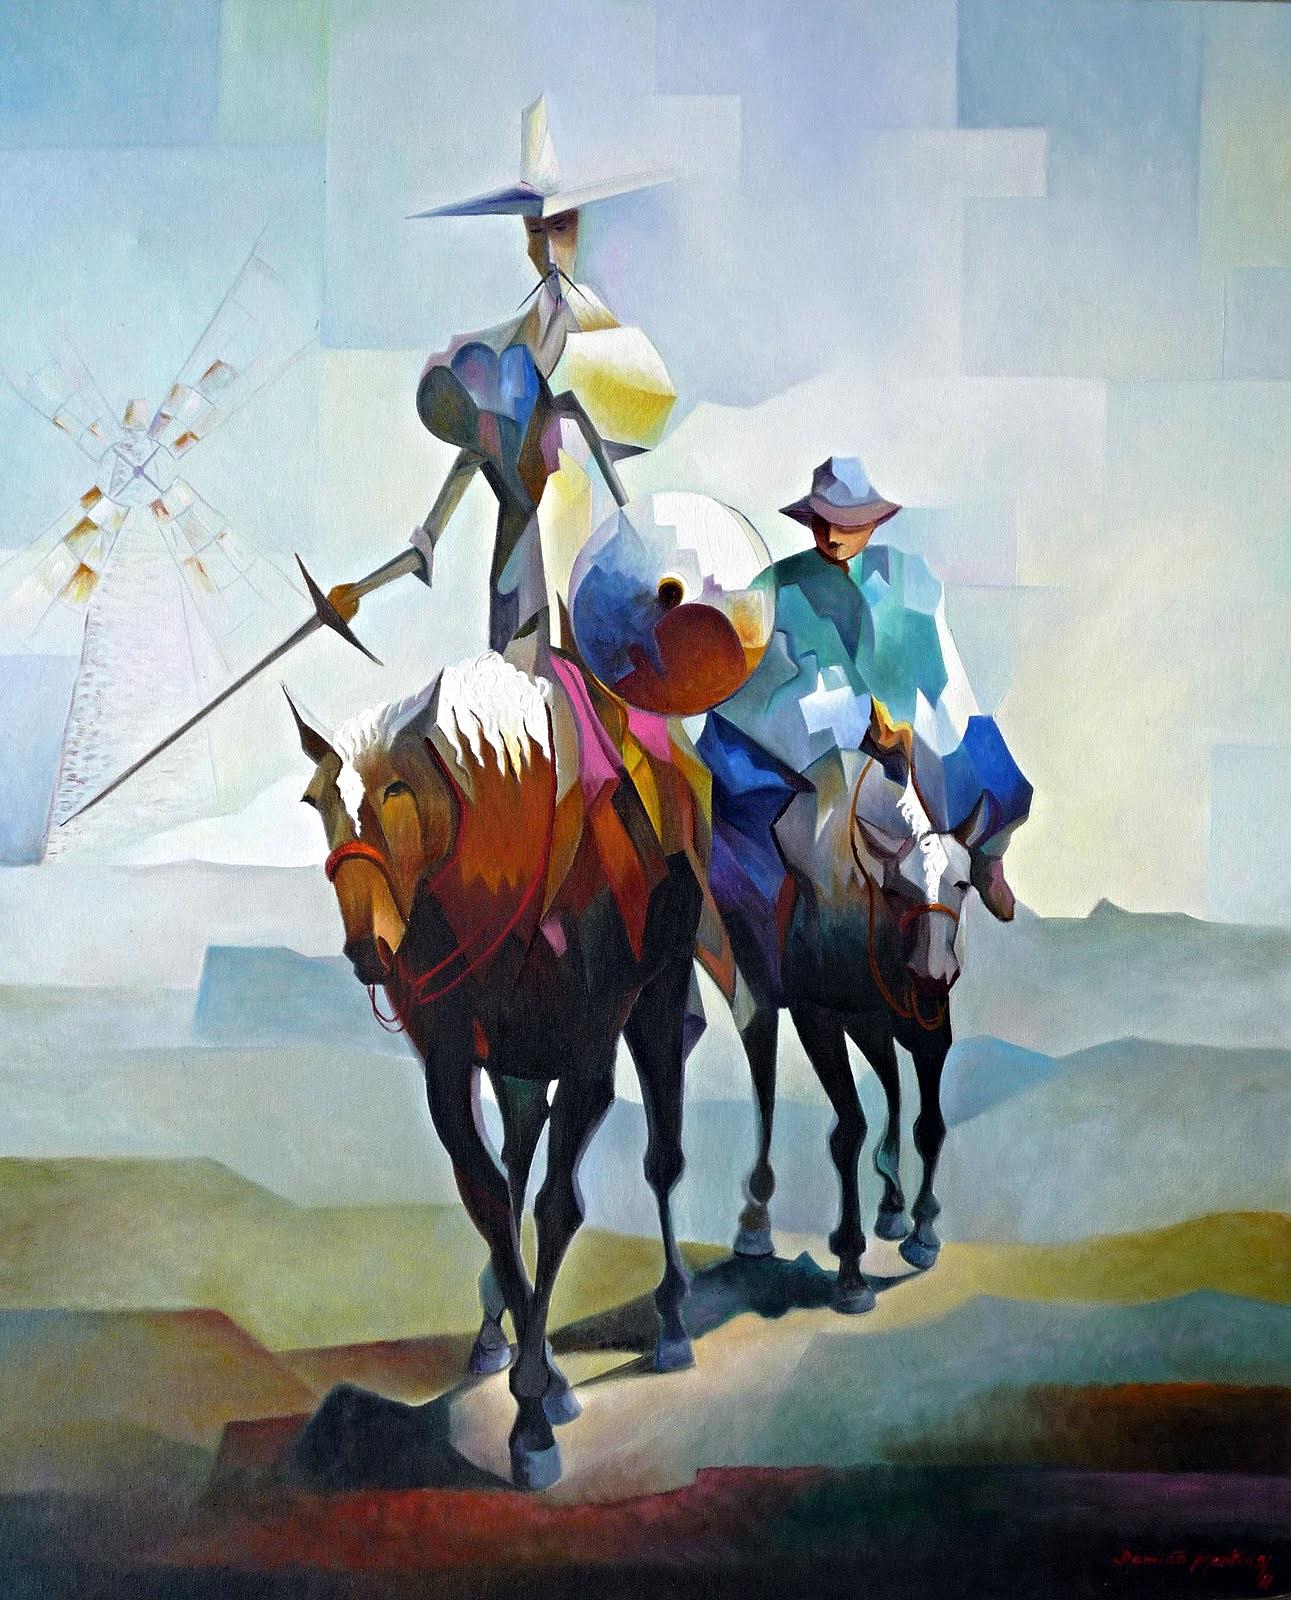 Pintor: DAMIÃO MARTINS. Cuadro: Don Quixote e Sancho pança (120X90)